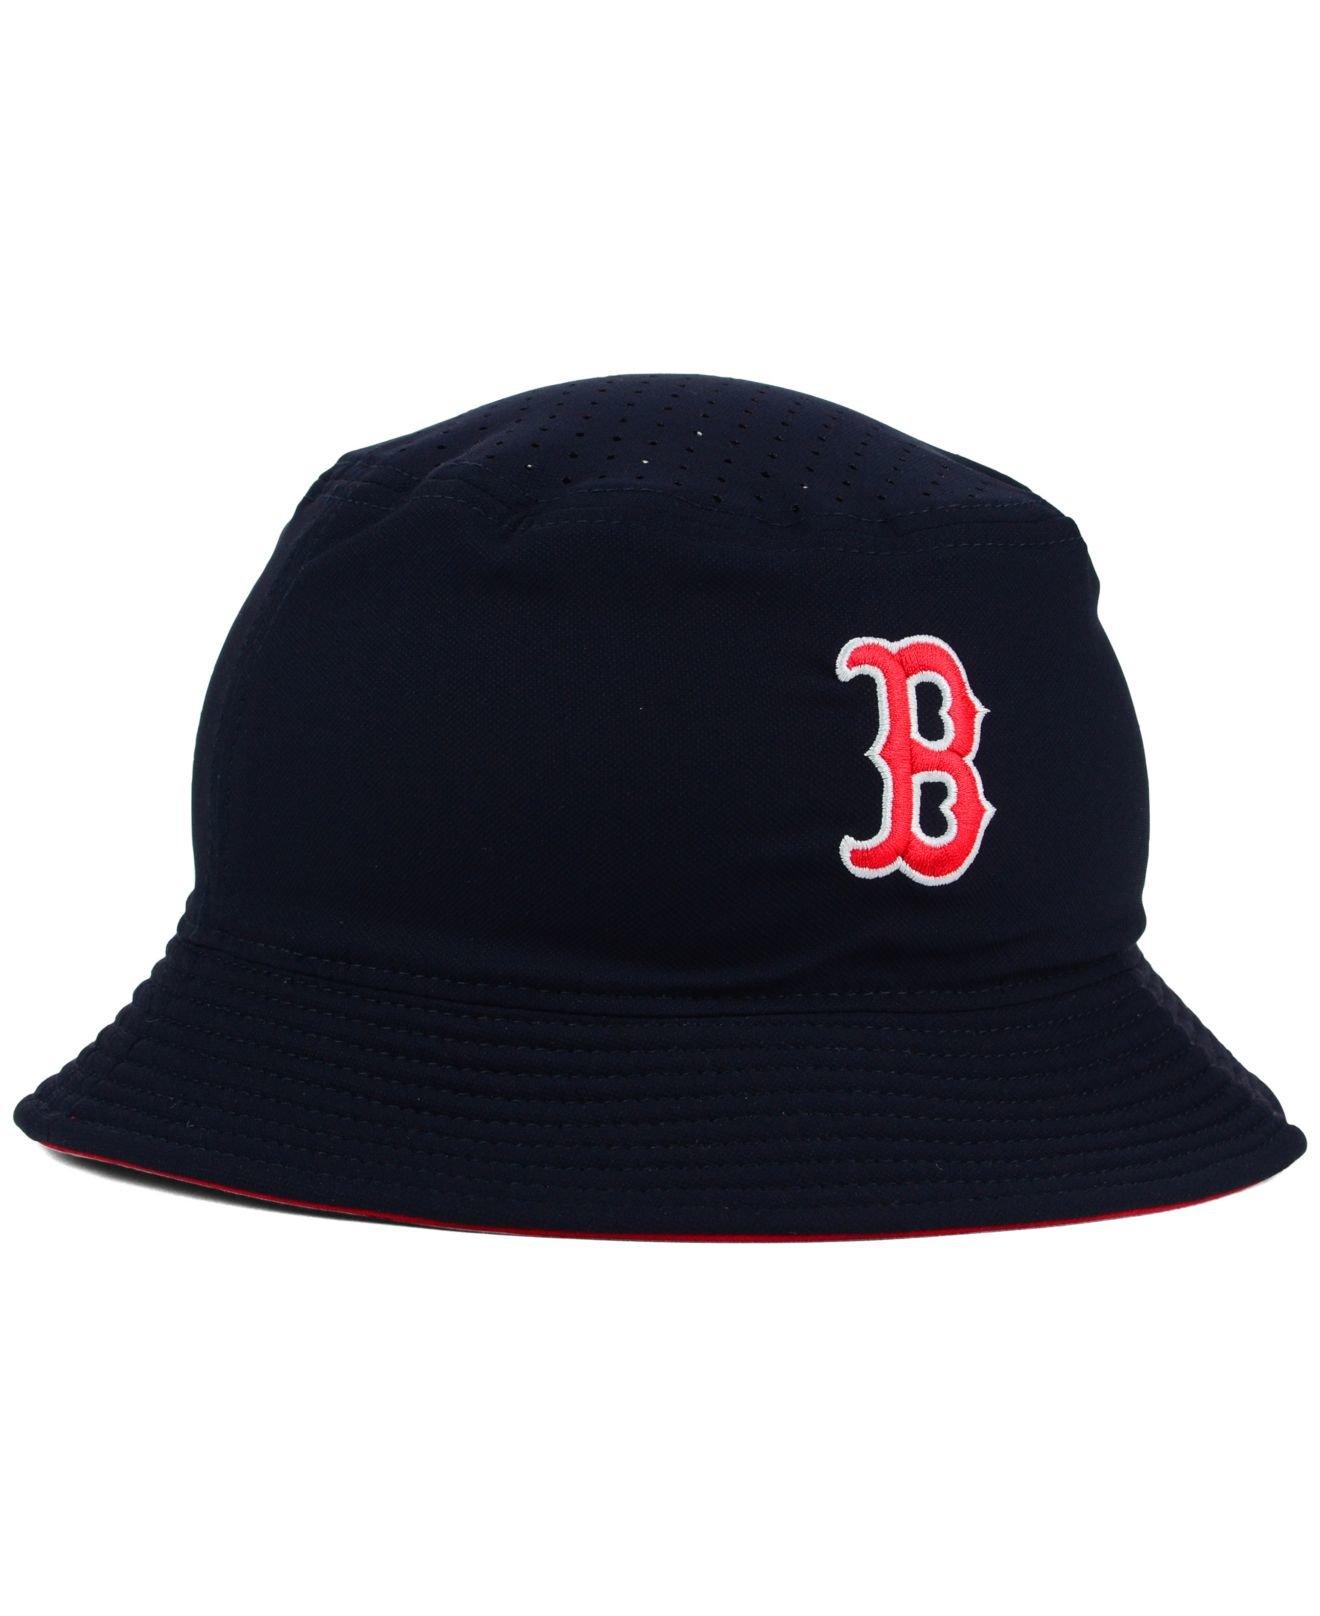 dced5d77763 ... norway lyst nike boston red sox vapor dri fit bucket hat in blue for men  3955b